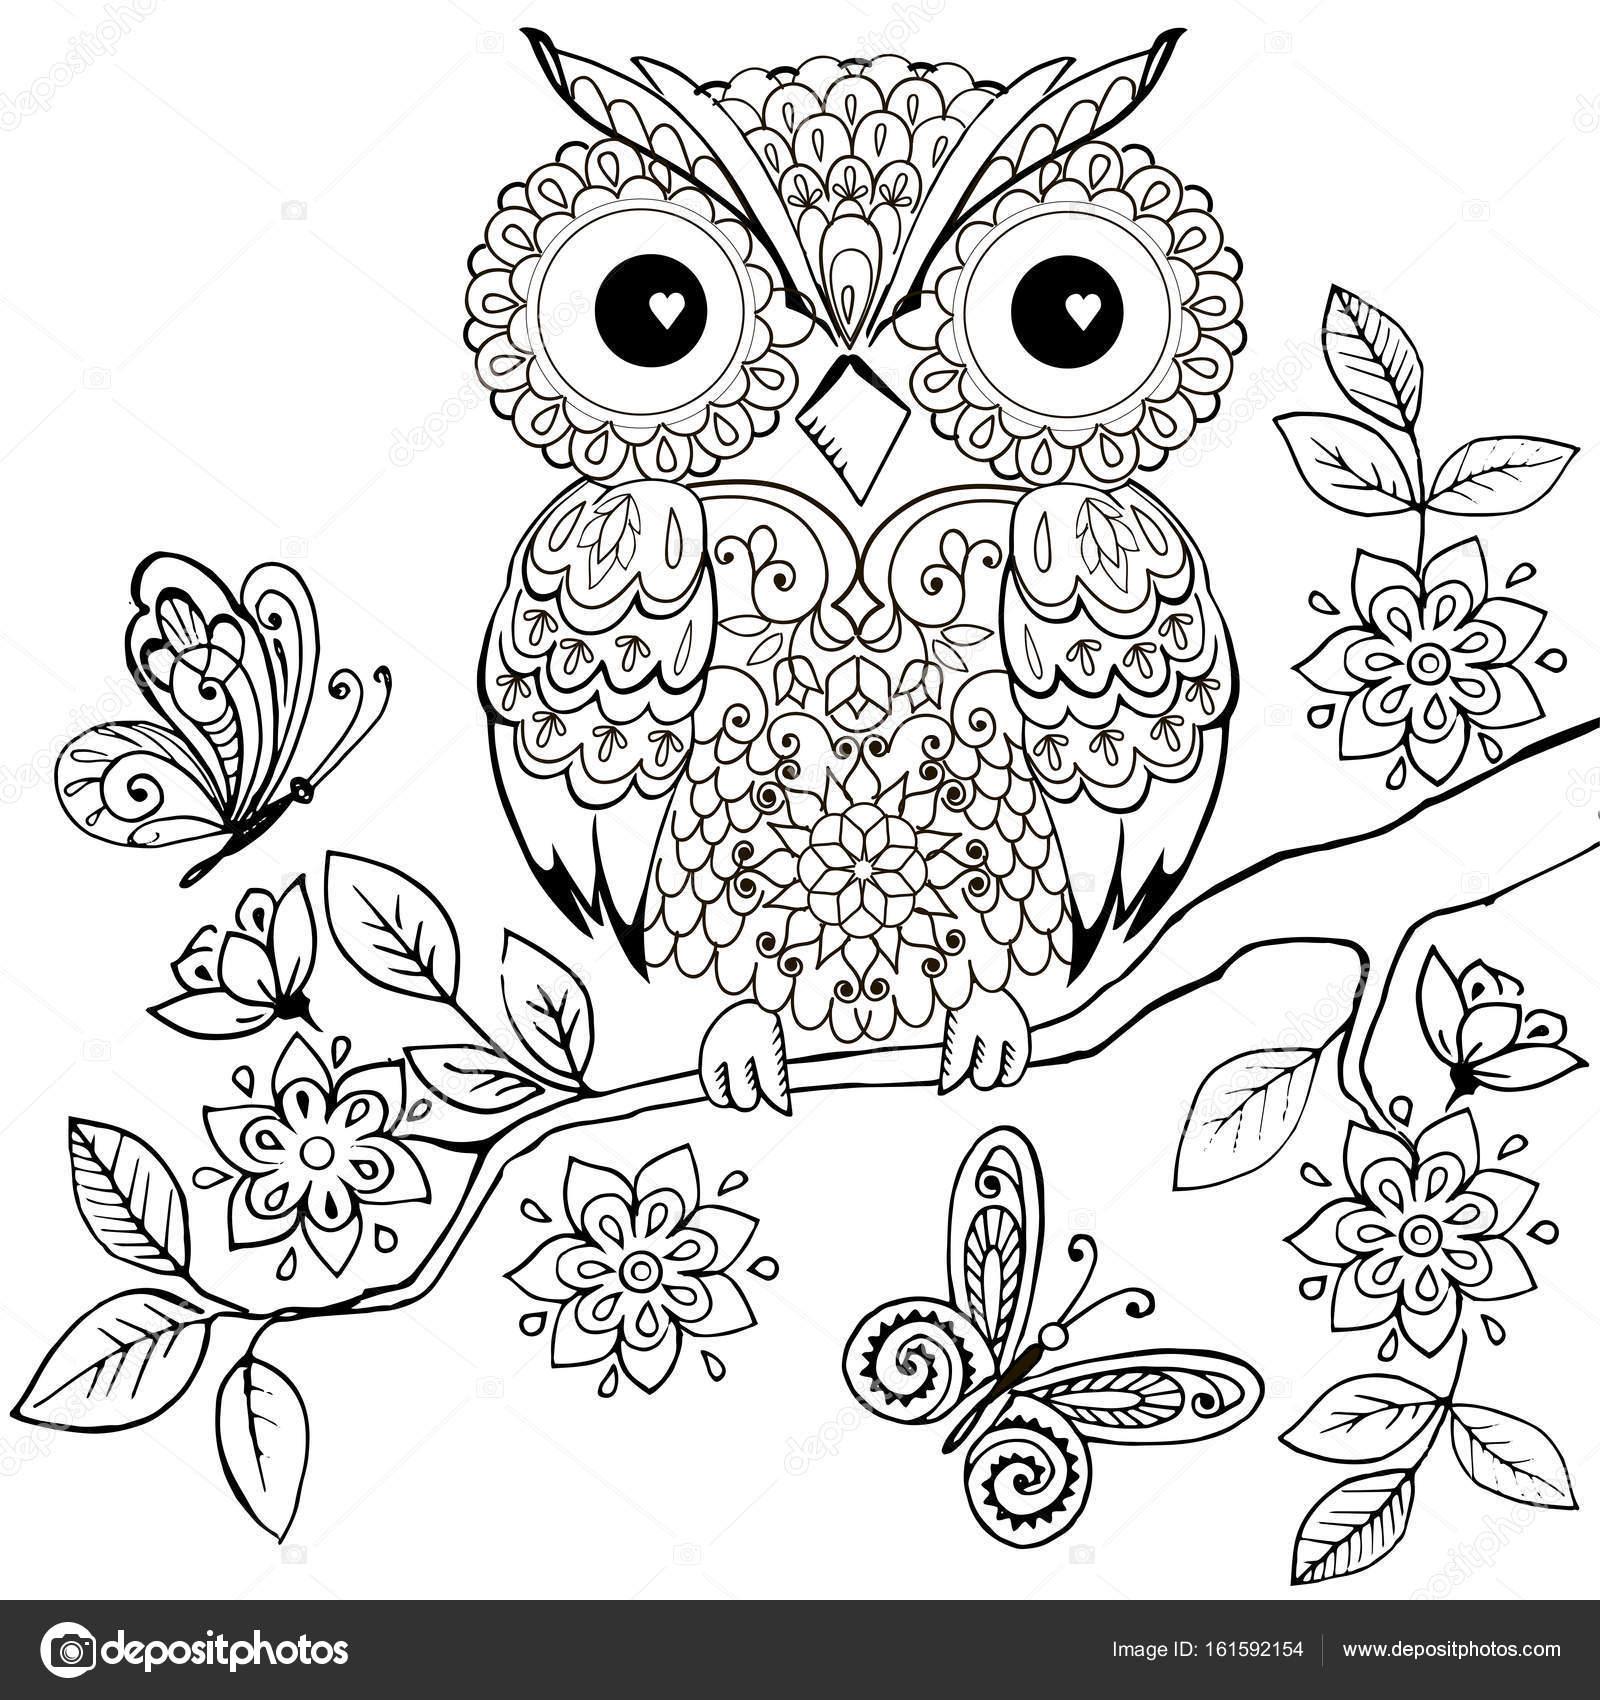 Buho decorativo sobre una rama de flores para colorear libro para ...